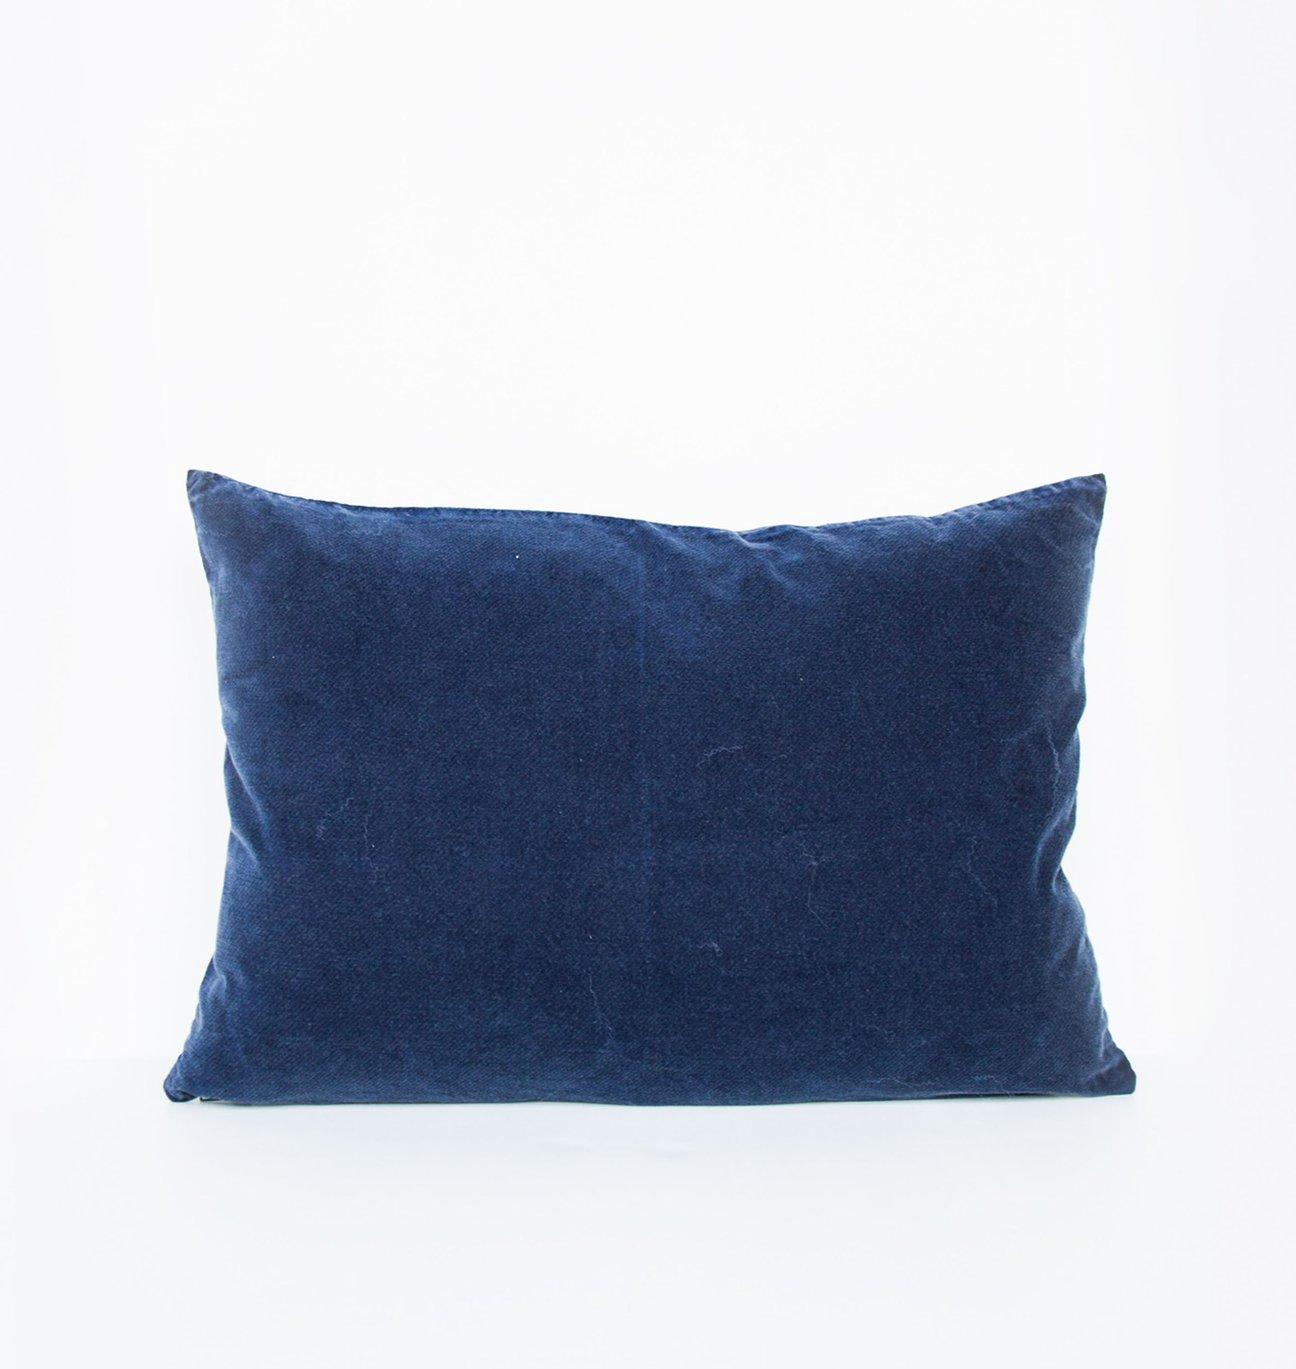 Coussin complet velours vintage Bleu marine 40x60 cm * Urban Nature Culture